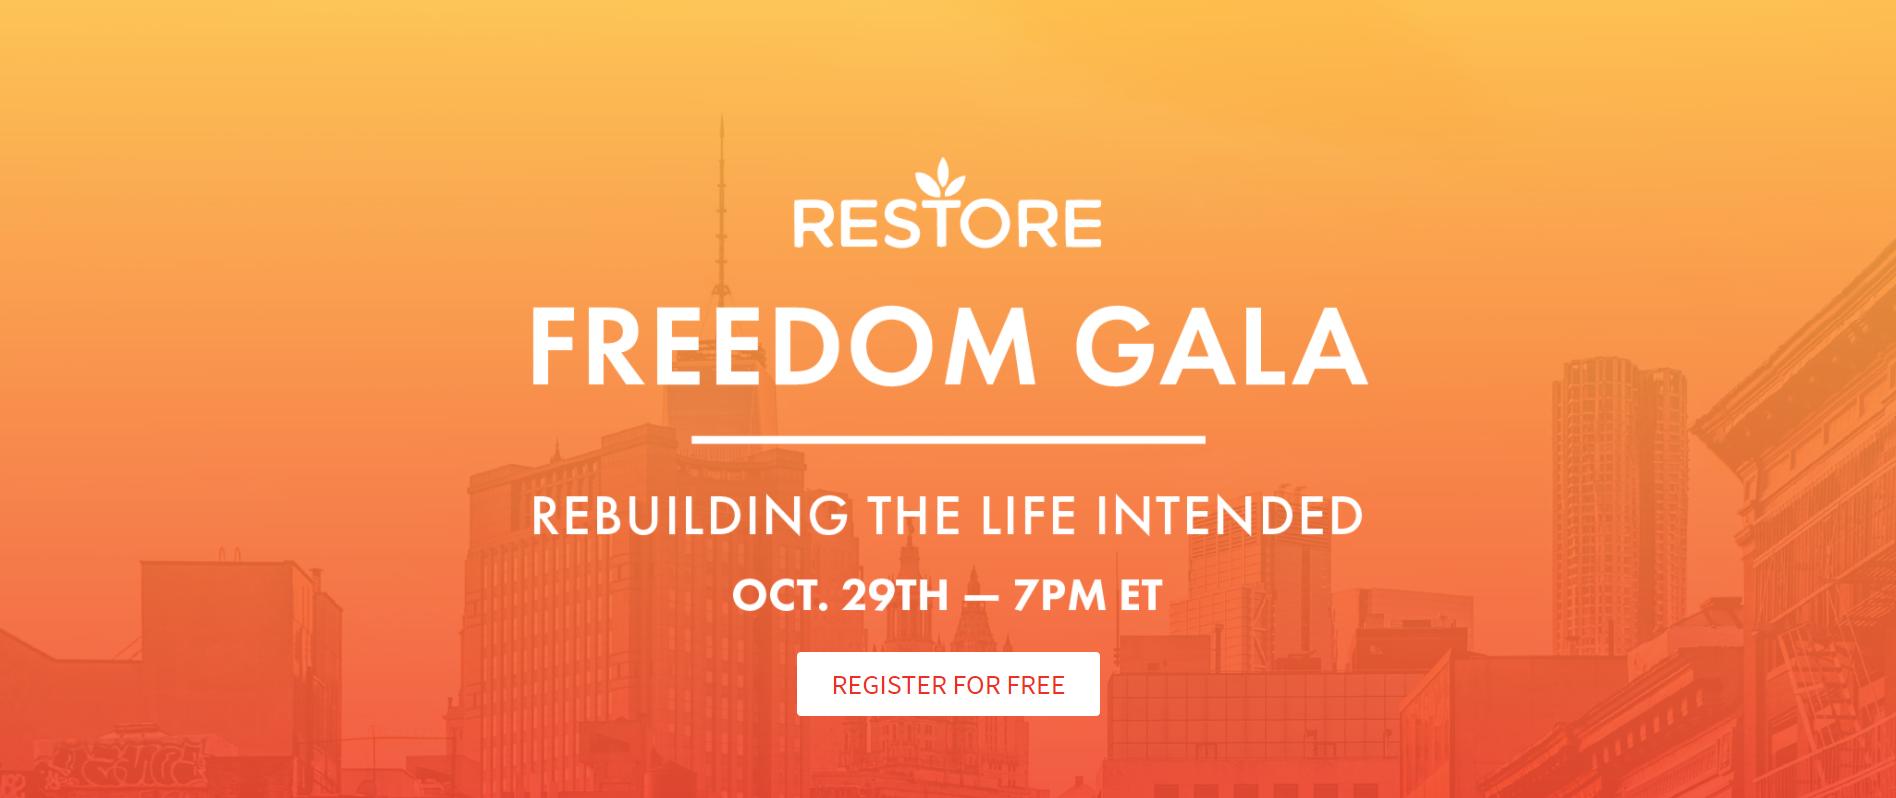 Freedom Gala